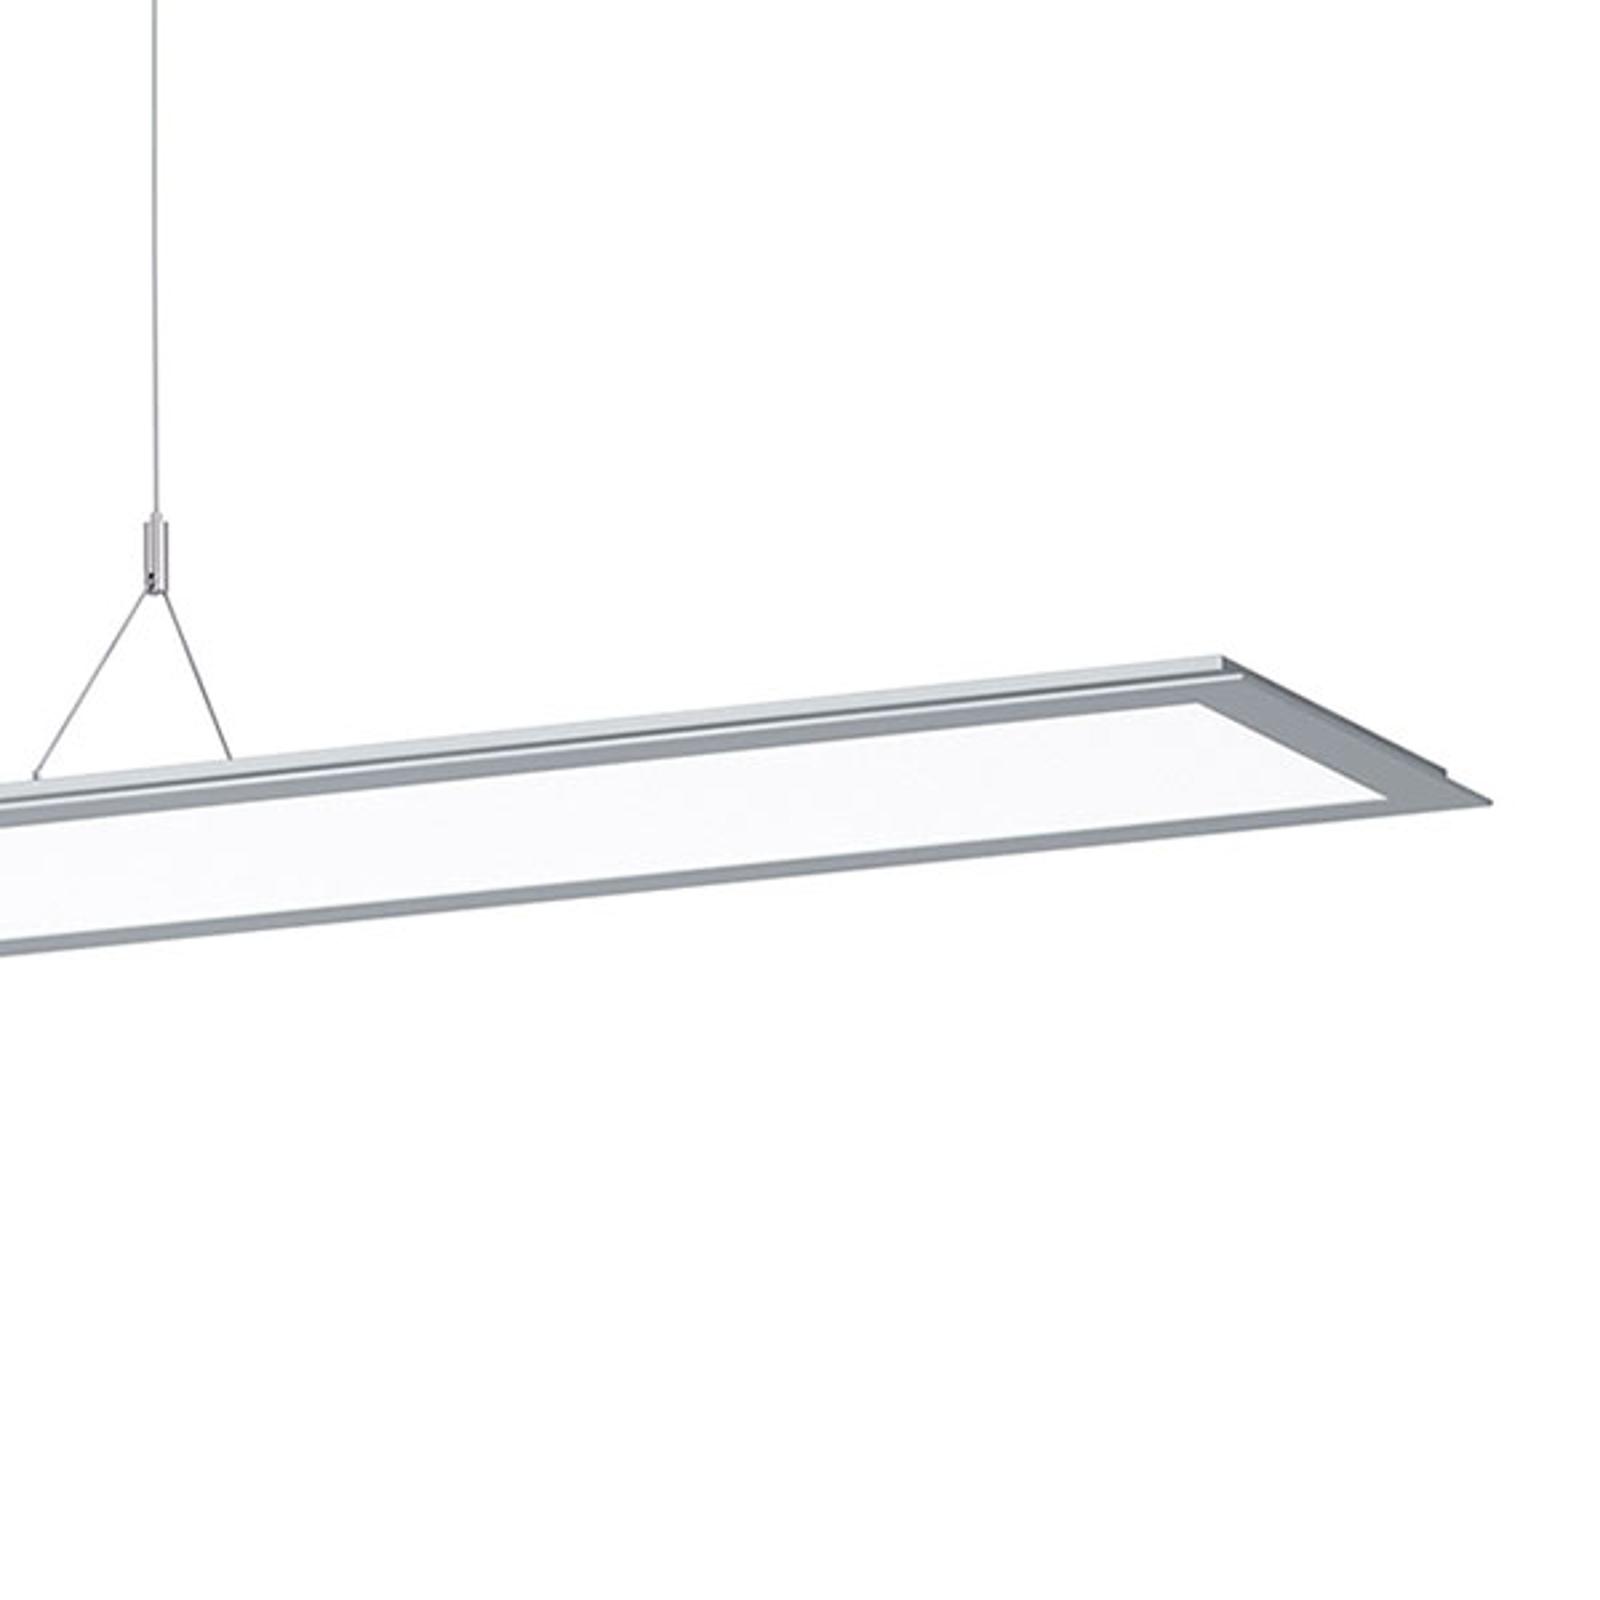 Suspension LED SL713PL, 124cm, 9250lm, grise